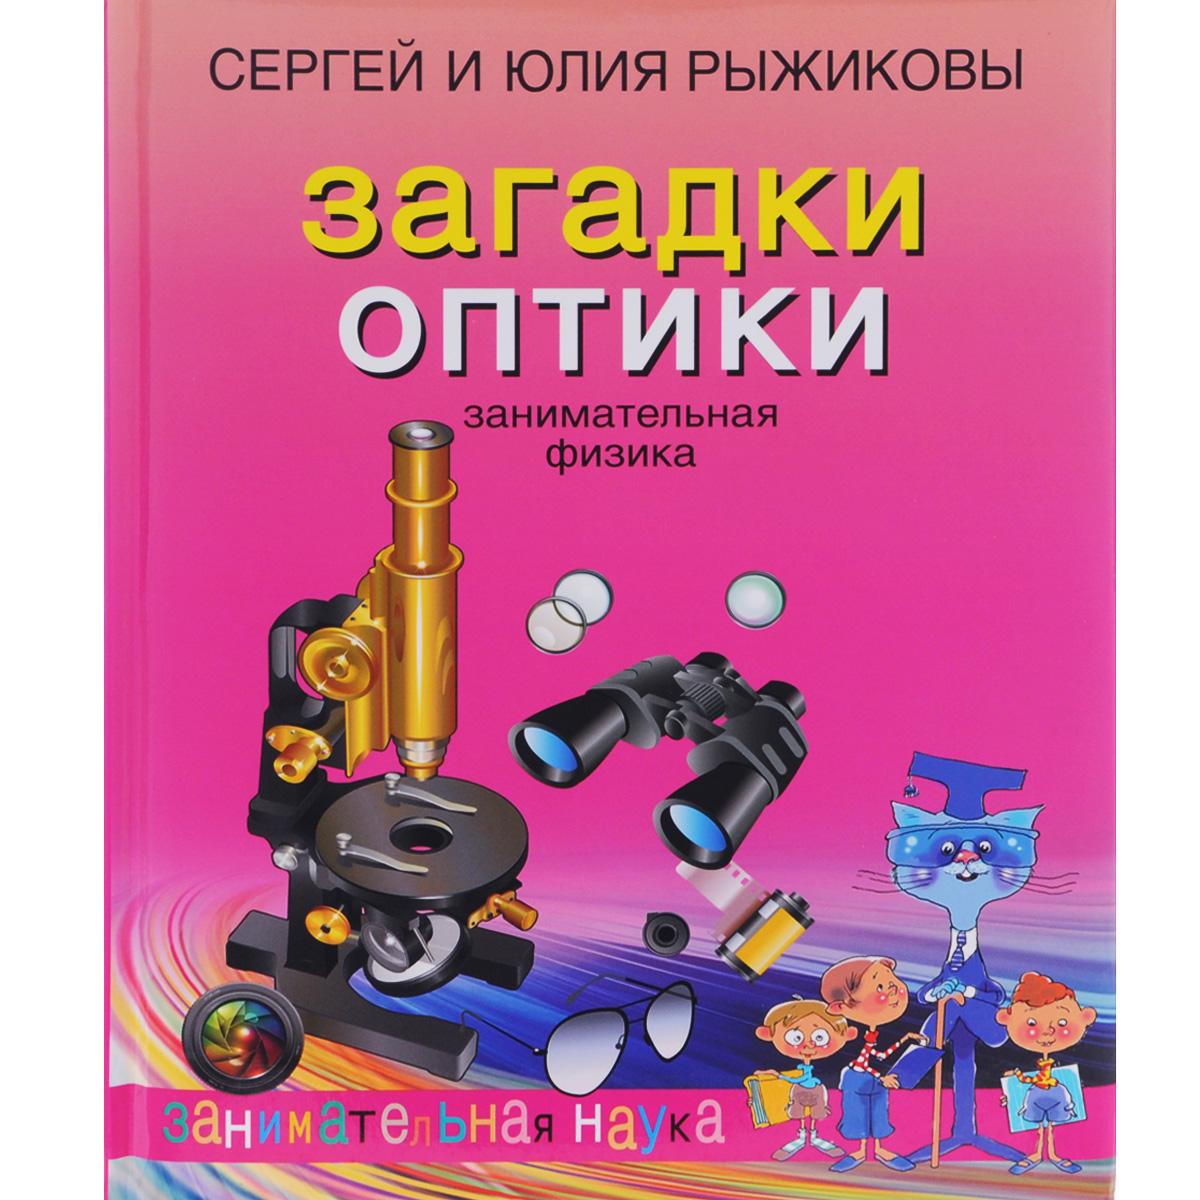 Загадки оптики. Занимательная физика12296407Книга рассказывает о проявлении законов оптики в окружающем нас мире: почему бассейн с водой кажется мельче, чем на самом деле, каким образом лупа увеличивает или уменьшает, отчего возникают миражи, радуга, гало, почему мыльные пузыри сияют всеми цветами радуги... Также из книги вы узнаете о последних достижениях науки и техники — к примеру, как с помощью метаматериалов создать плащ-невидимку, как законы волновой оптики помогают изготовлять современные микросхемы. В книге описано множество занимательных экспериментов, которые можно повторить, используя простейшее оборудование: свечку, лазерную указку, лупу... Приведённые формулы и расчёты сопровождаются очень подробными объяснениями и не вызовут никаких затруднений у читателей. Книга будет полезной для школьников 7-11 классов при изучении курса физики, а также для школьных учителей и всех интересующихся физикой.